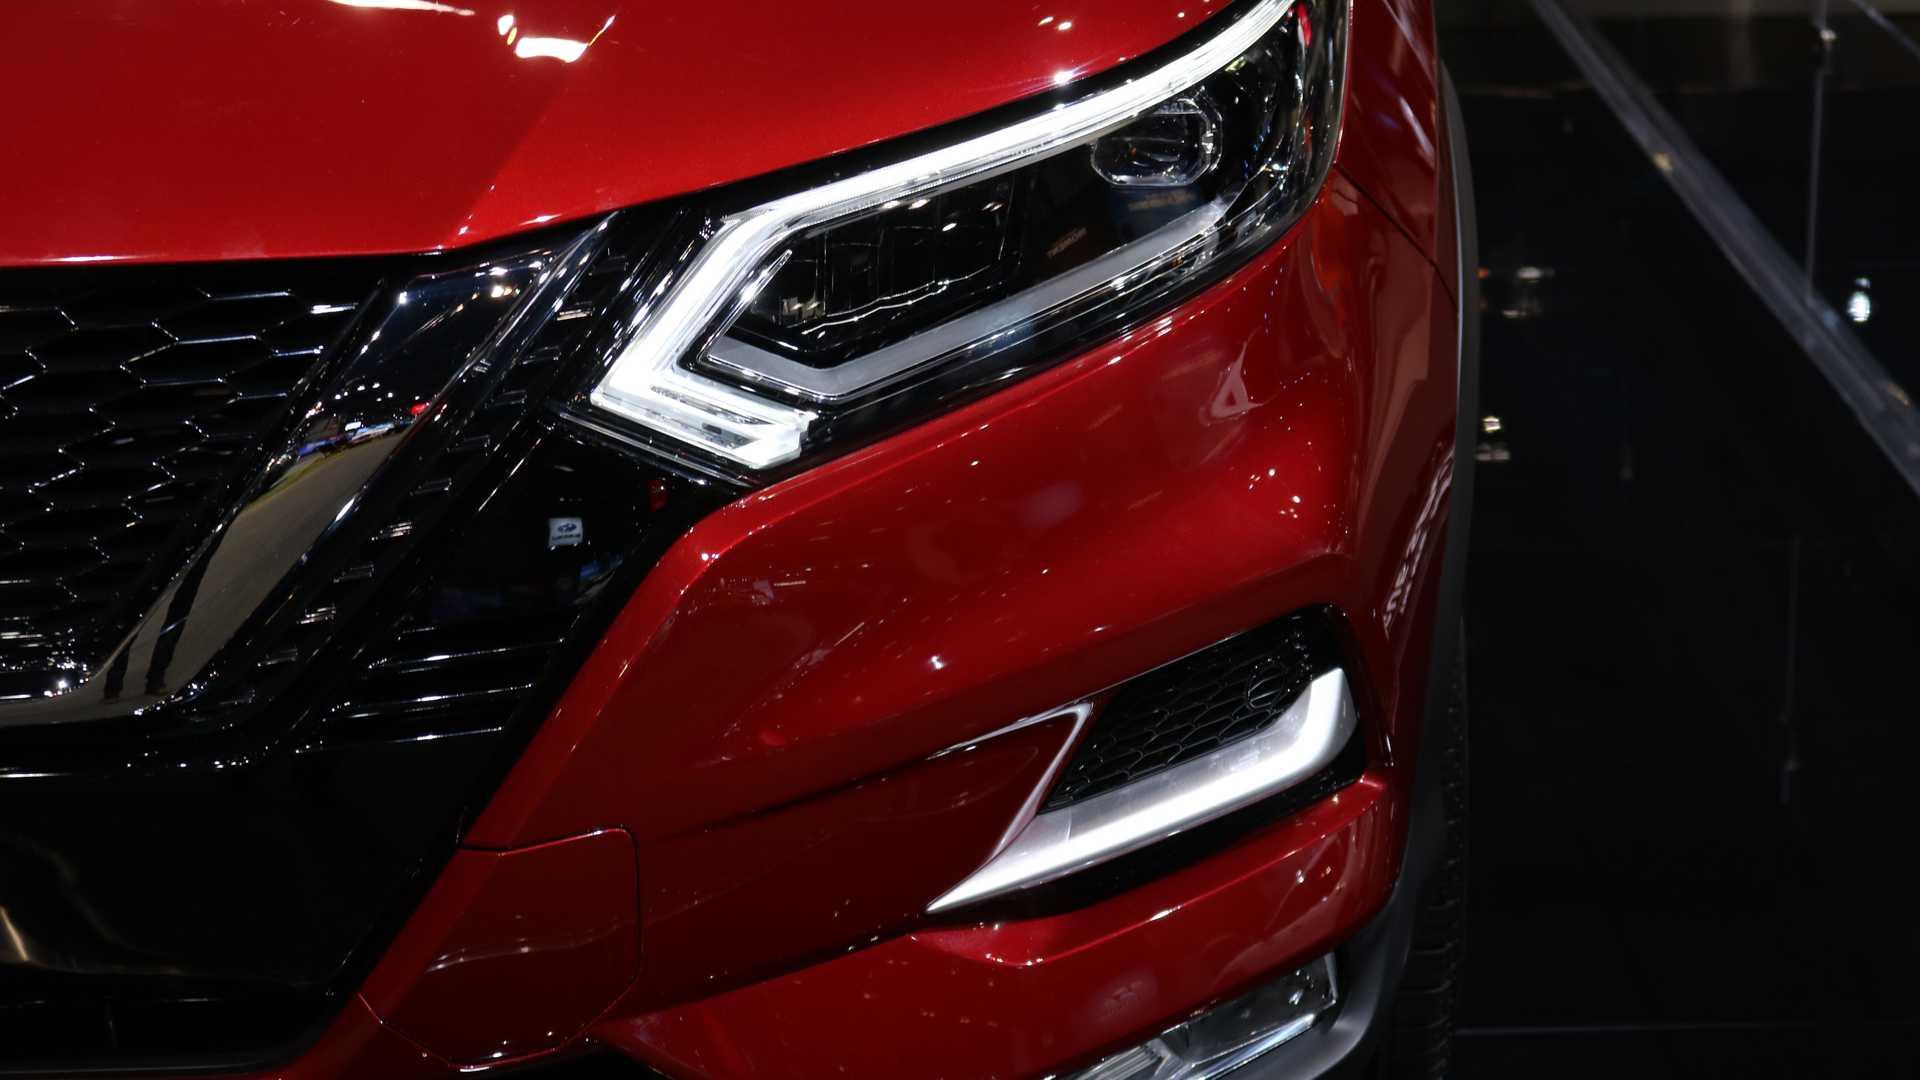 نمایشگاه خودرو شیکاگو ۲۰۱۹ | خودروی جدید نیسان، Rouge Sport با ظاهری بروزشده رونمایی شد +تصاویر